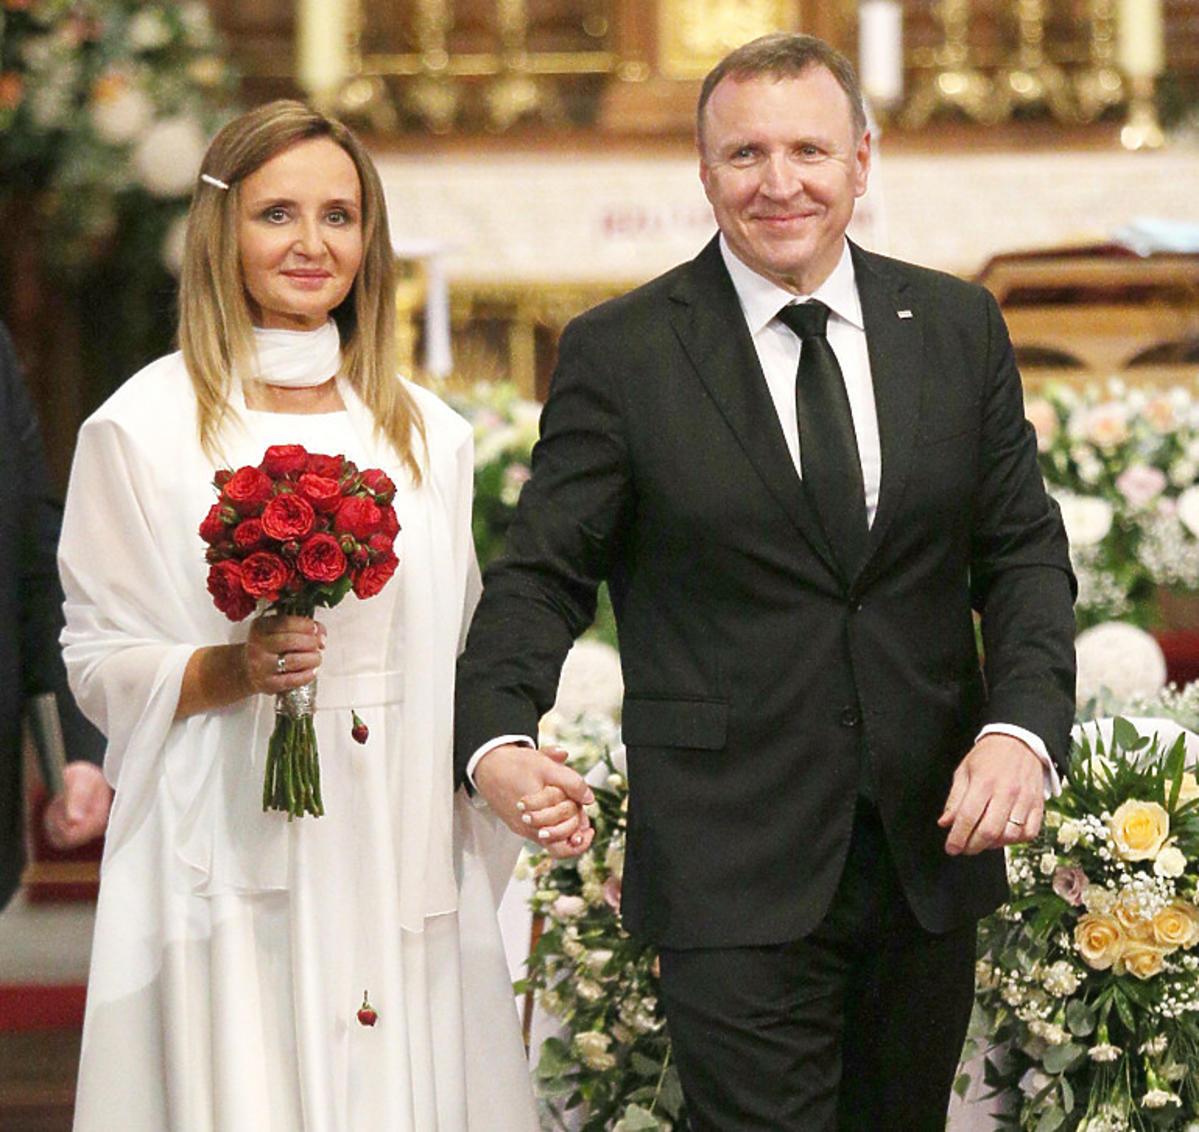 Ślub Jacka Kurskiego i Joanny Klimek w Sanktuarium Bożego Miłosierdzia w krakowskich Łagiewnikach